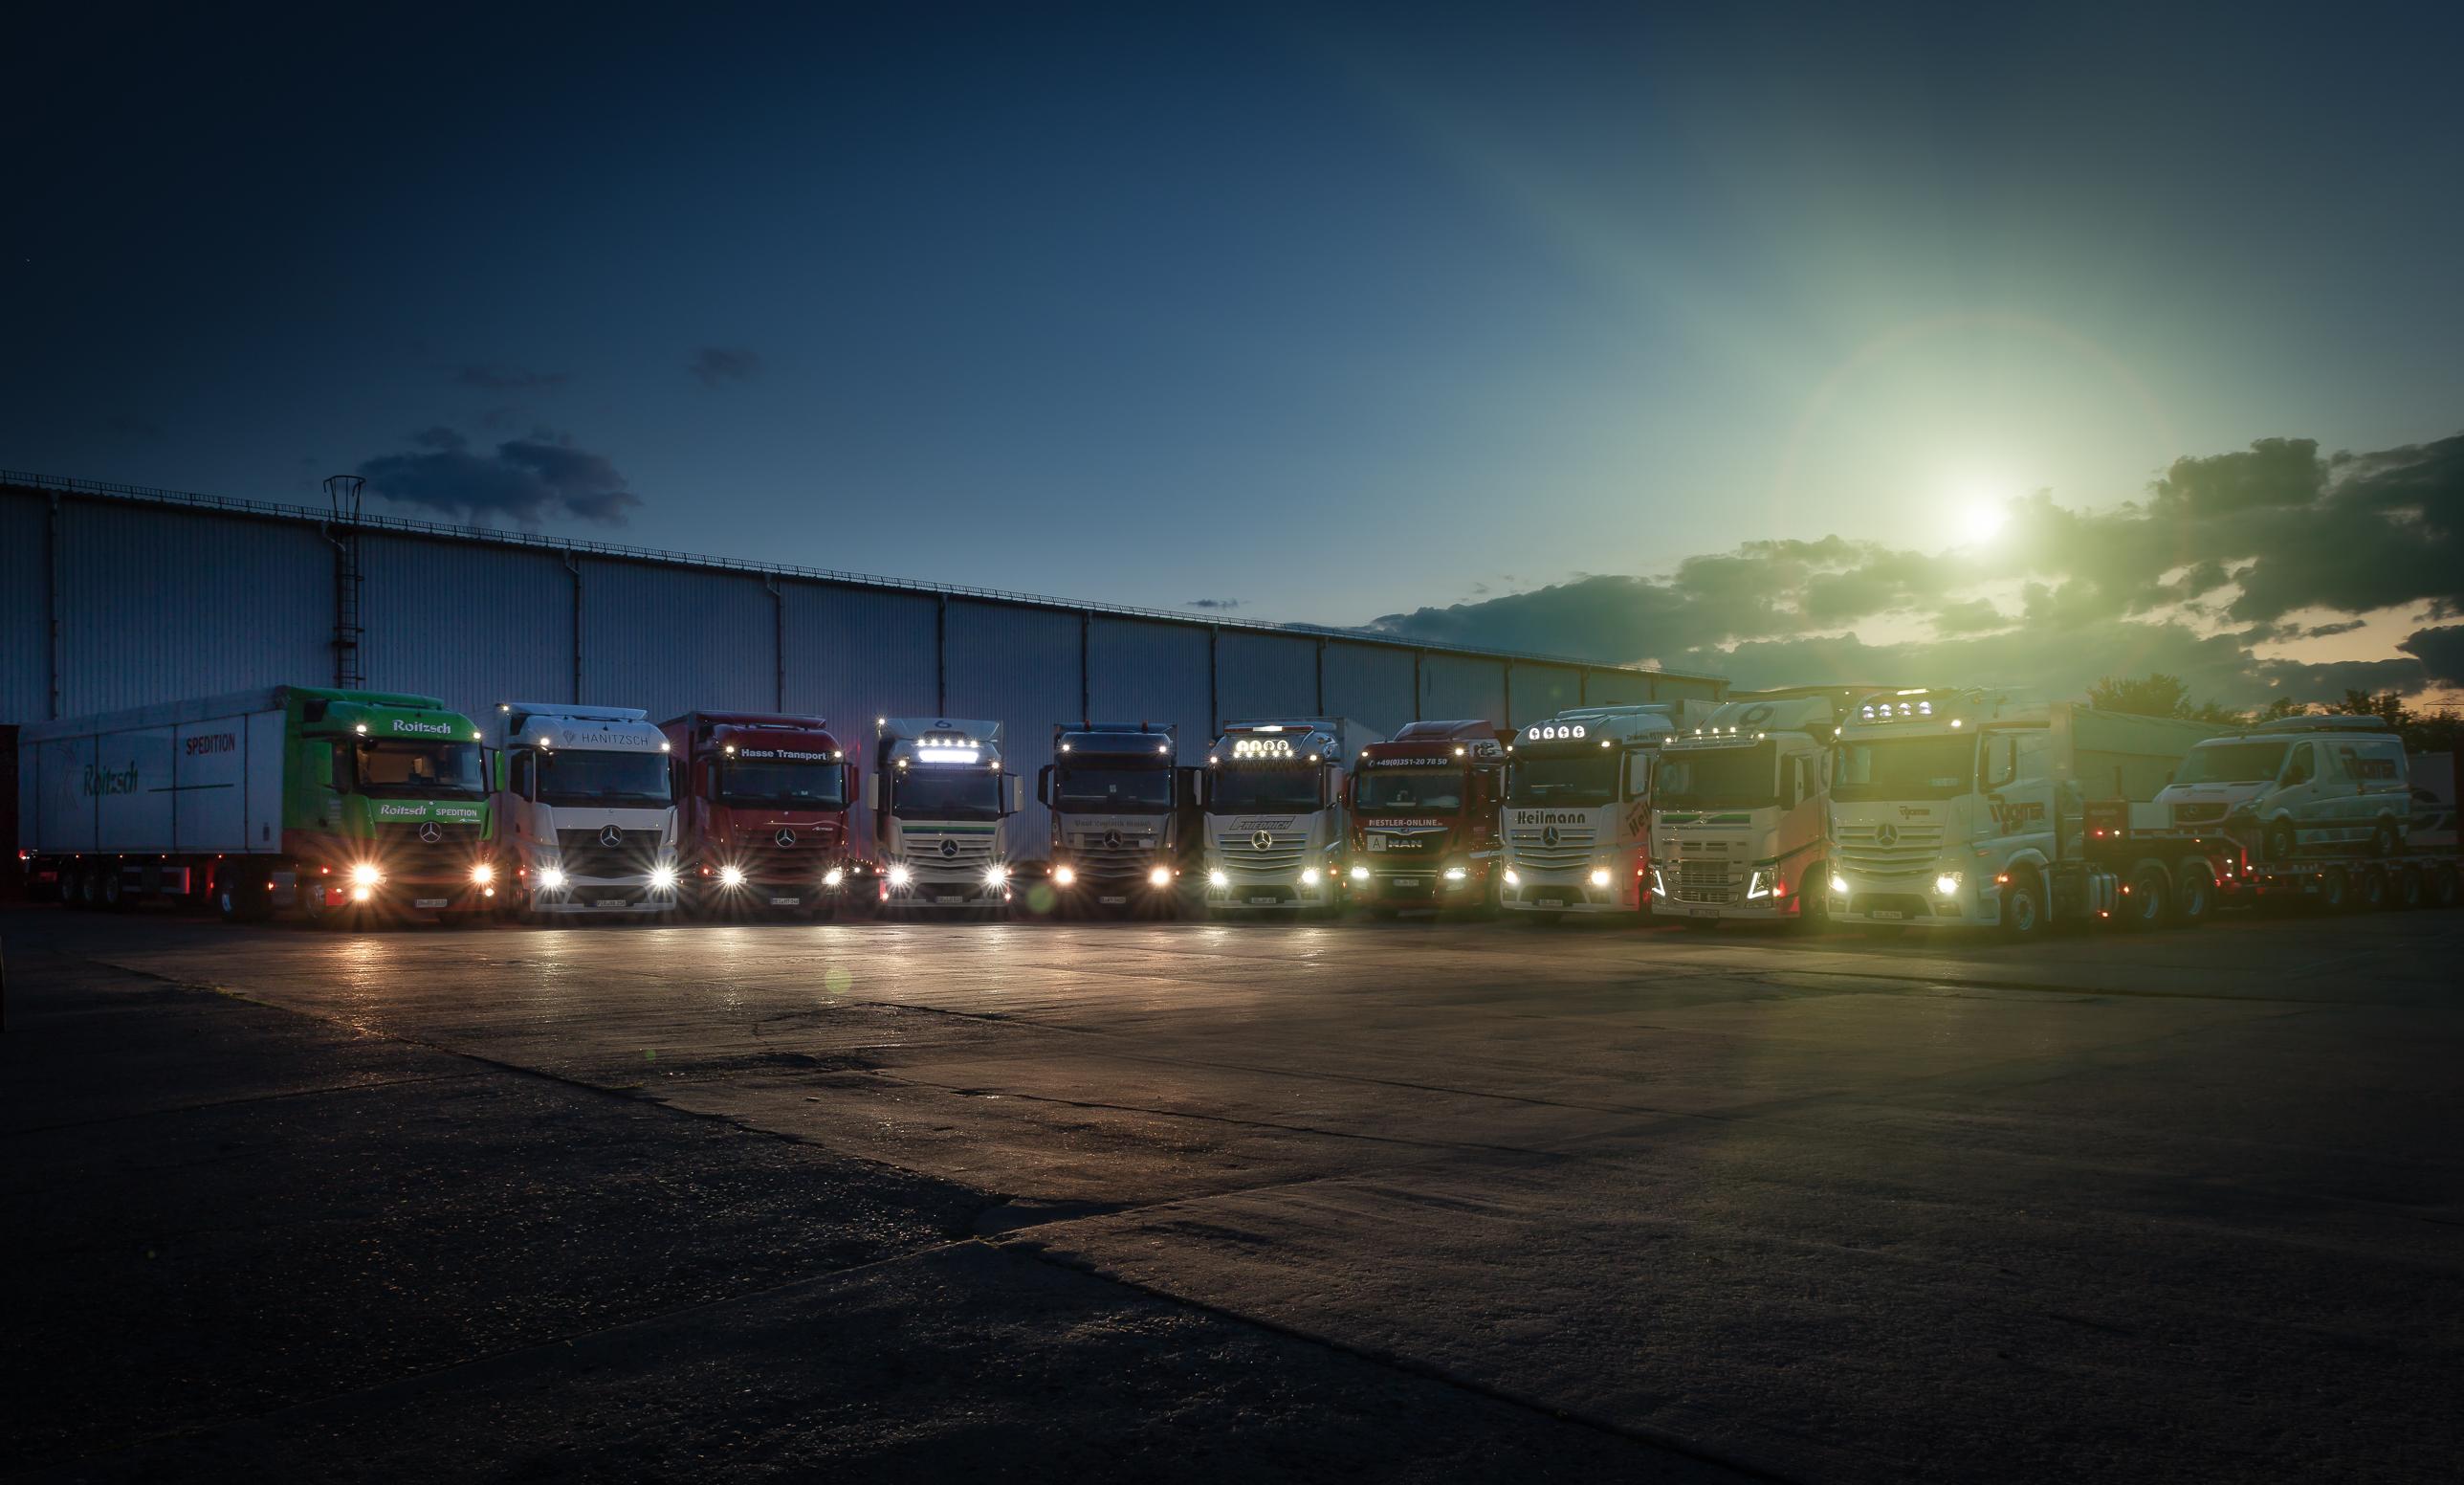 Lkw-Fotografie-Lastkraftwagen